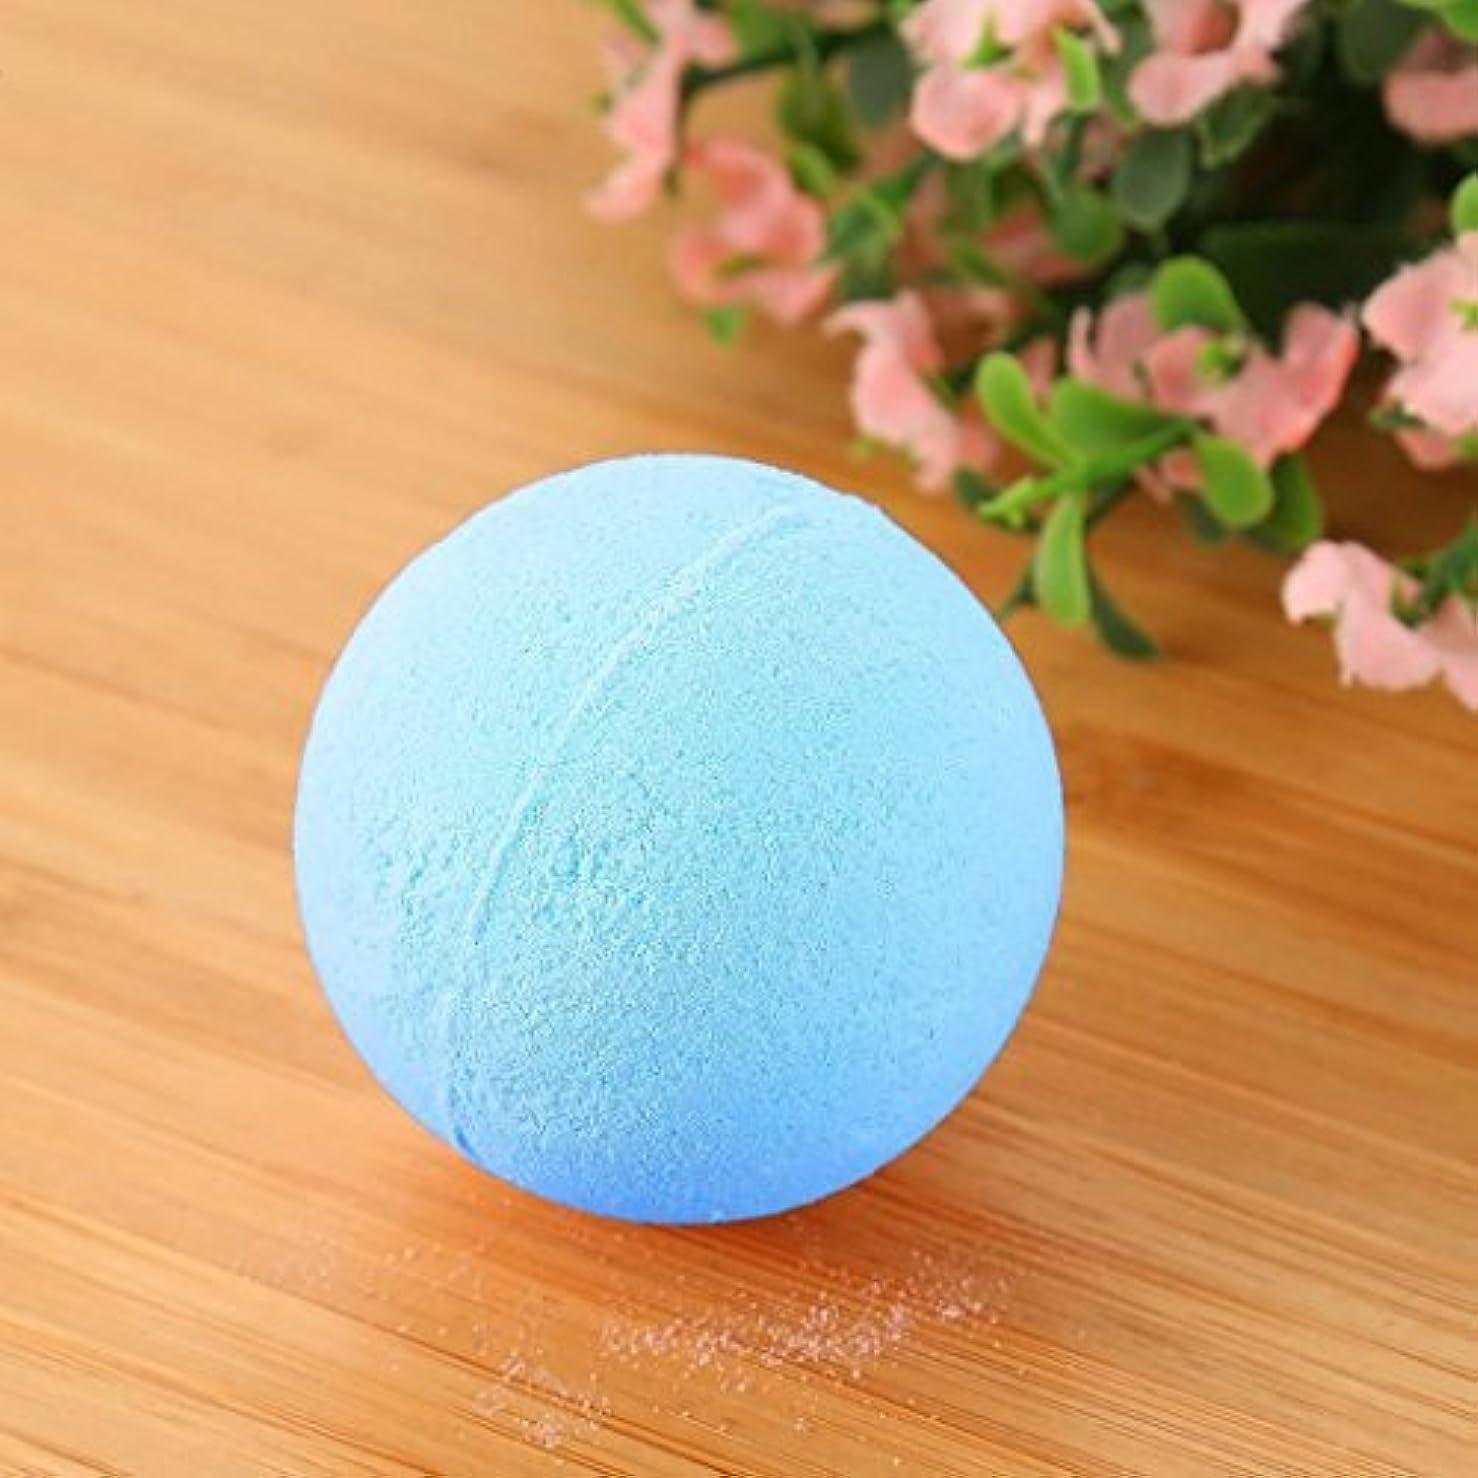 手つかずの左注意バブル塩風呂の贈り物のためにボールをリラックスした女性の塩